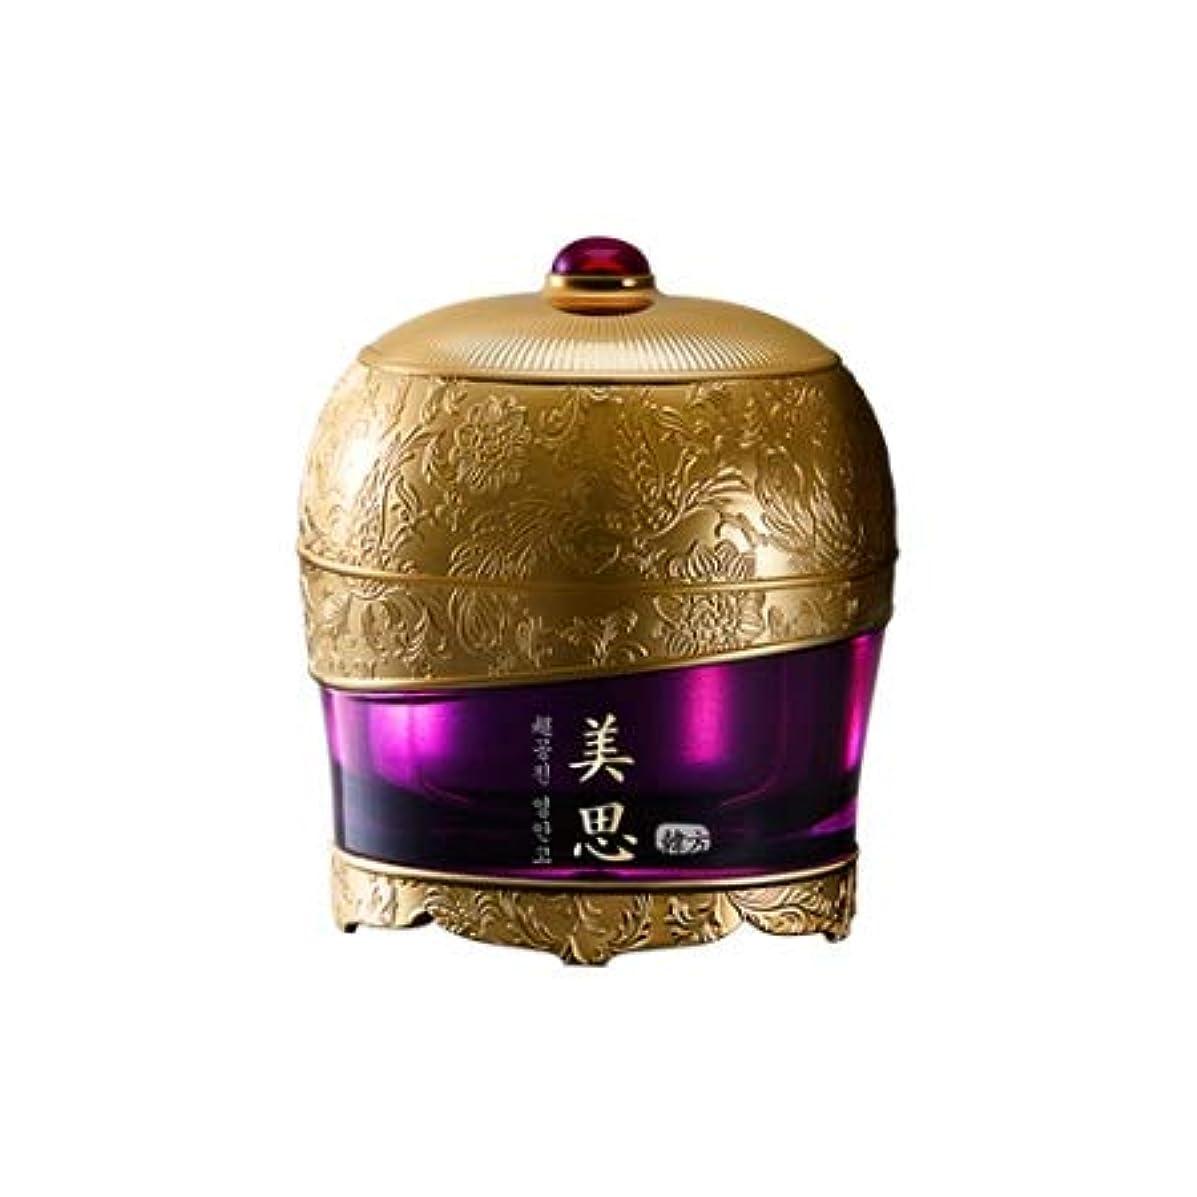 意味物理的な救いMISSHA Chogongjin Premium cream ミシャ美思超拱辰(チョゴンジン) 永安膏 クリーム クリーム 60ml [並行輸入品]